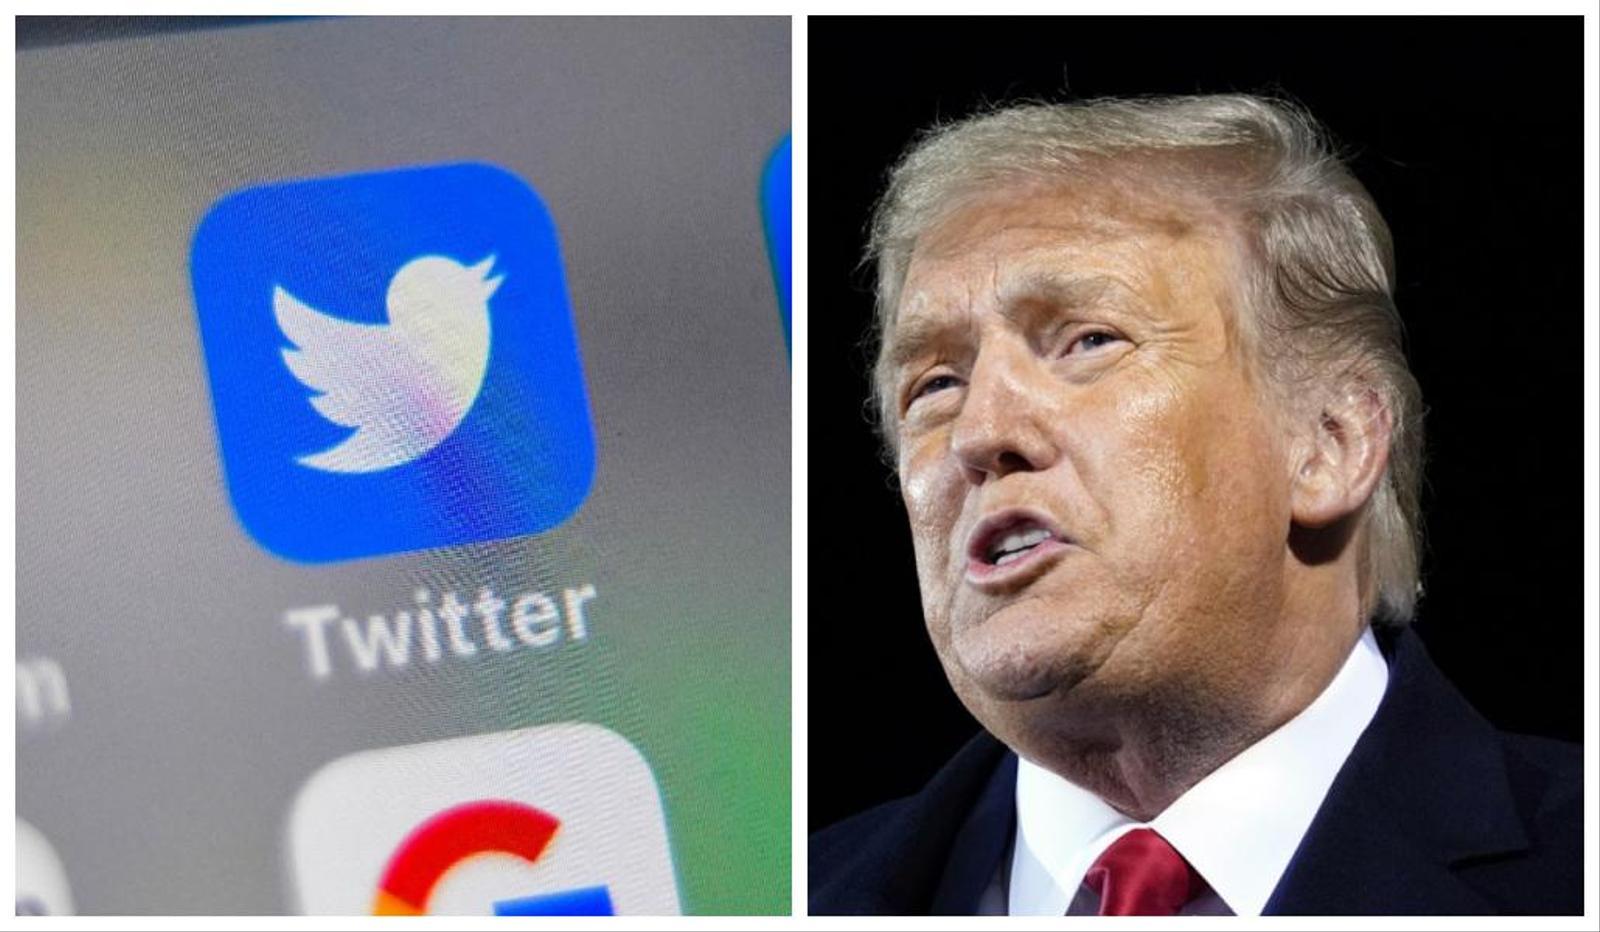 A 10H00 sur la côte est des Etats-Unis, le message du chef d'Etat avait été retweeté plus de 800'000 fois et «liké» à 1,3 million de reprises. AFP/Keystone